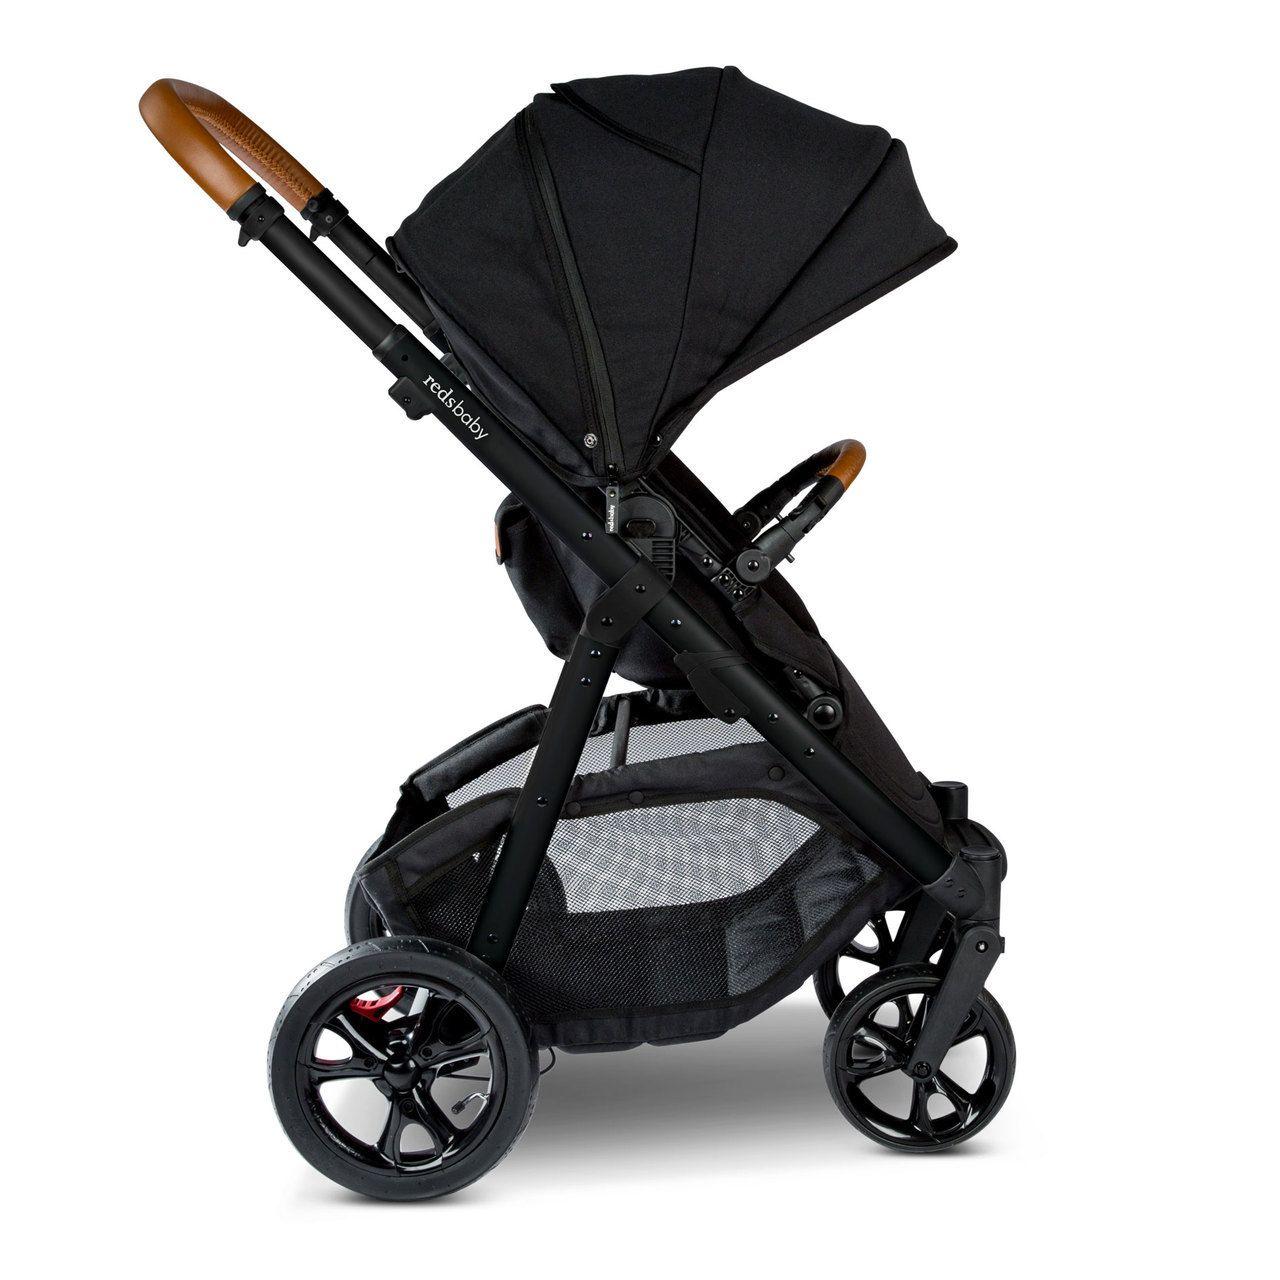 METRO³ Pram Prams, Traveling with baby, Booster car seat